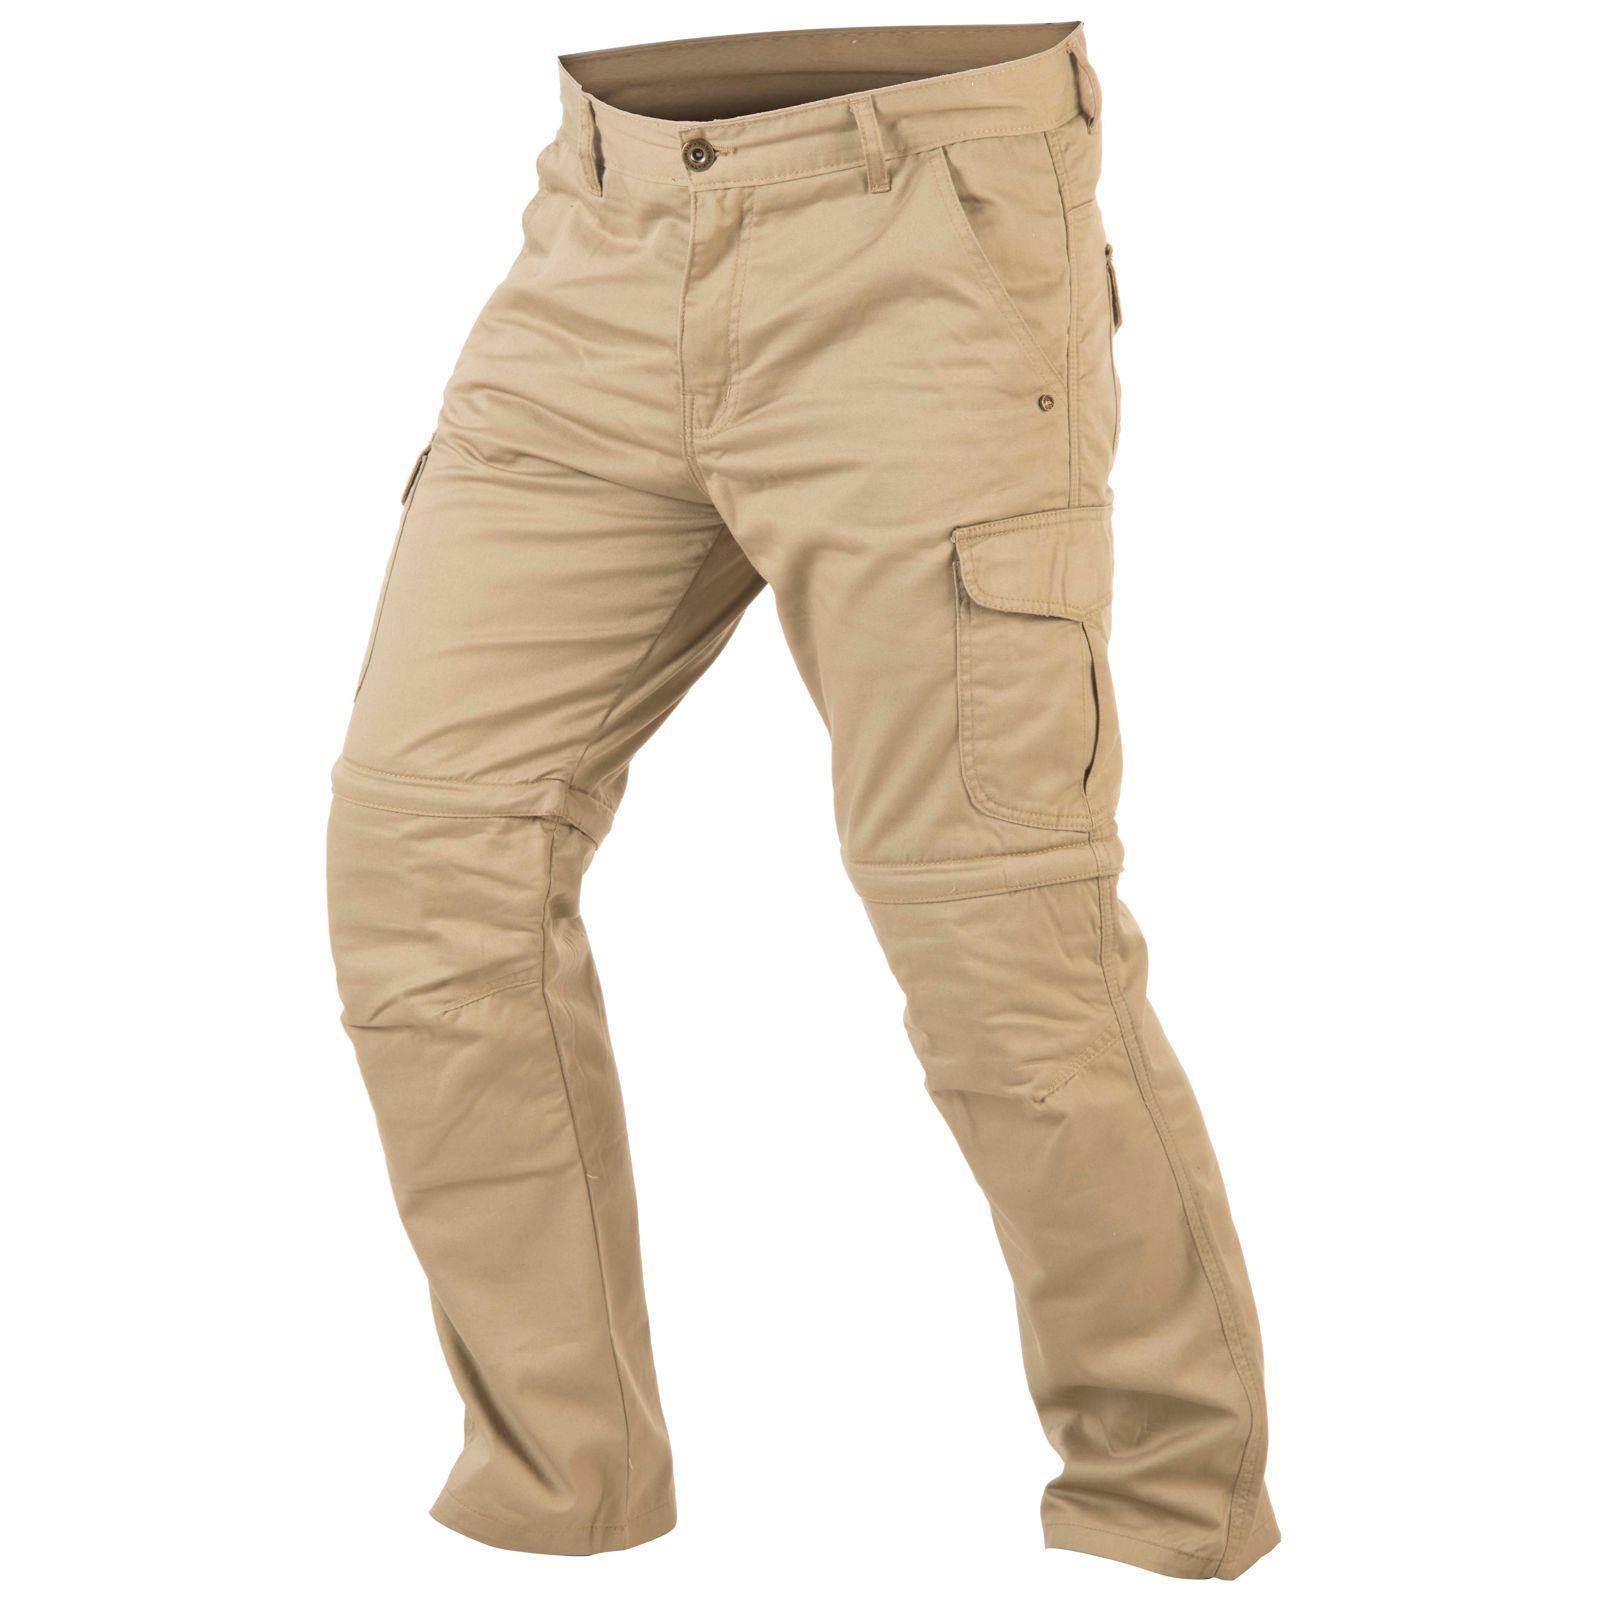 trilobite dual pants 2 in 1 herren motorrad hose beige l32. Black Bedroom Furniture Sets. Home Design Ideas